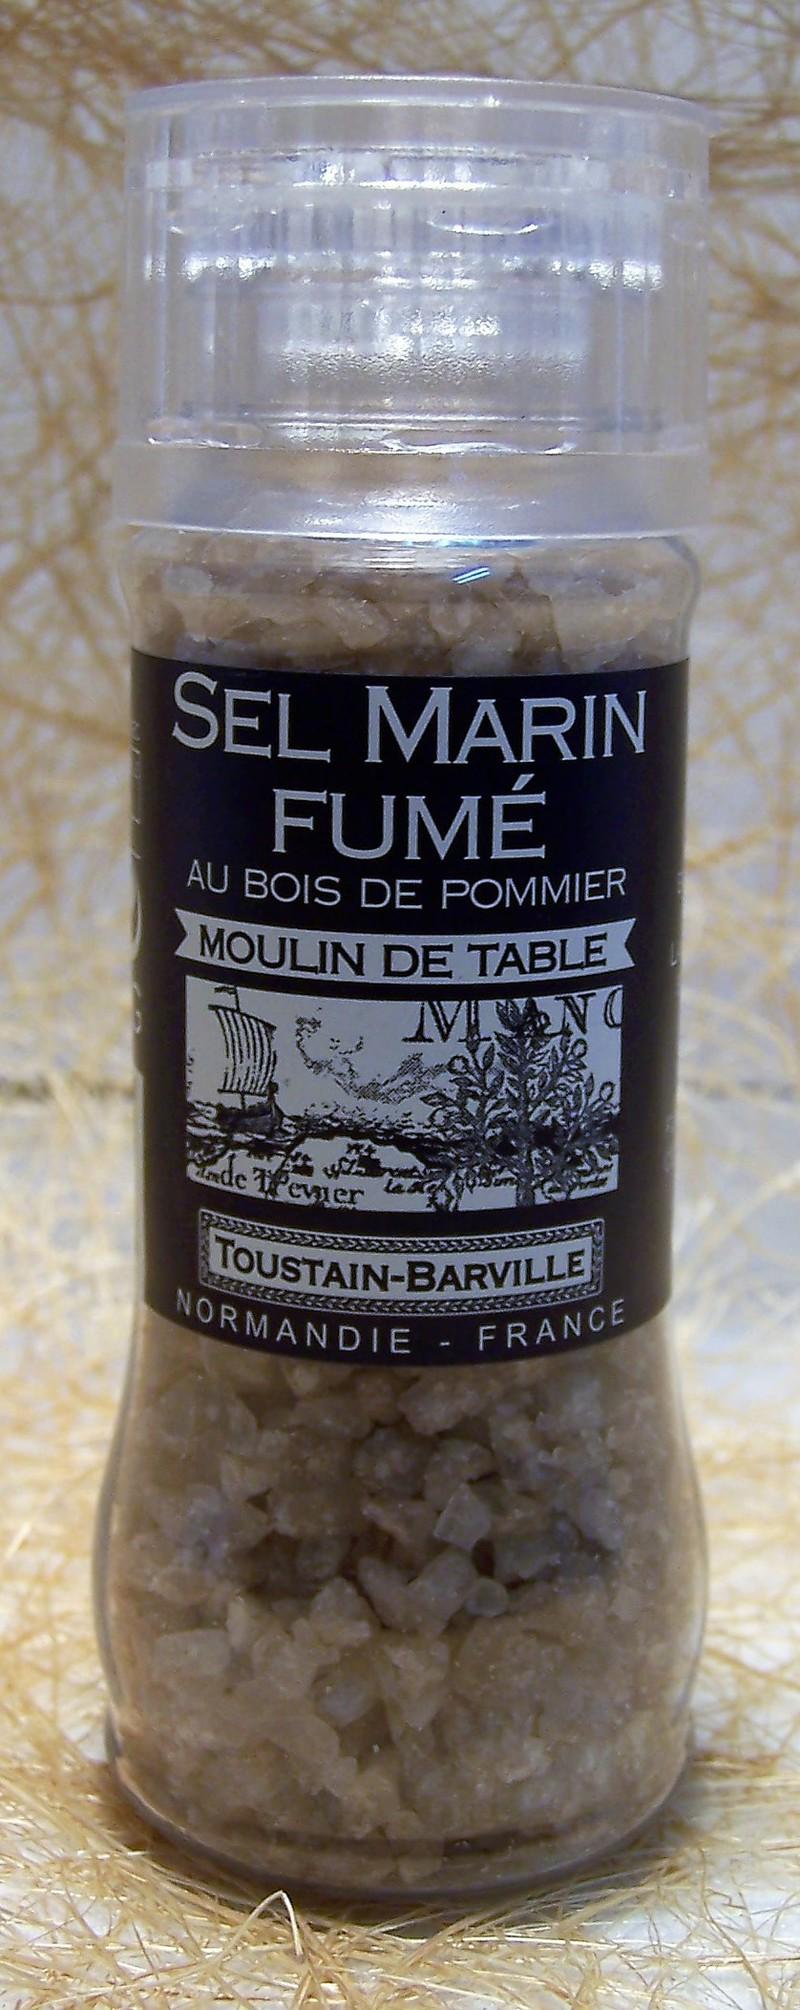 Sel marin fumé au bois de pommier - Condiments - La Cave d'Orgueil - Voir en grand